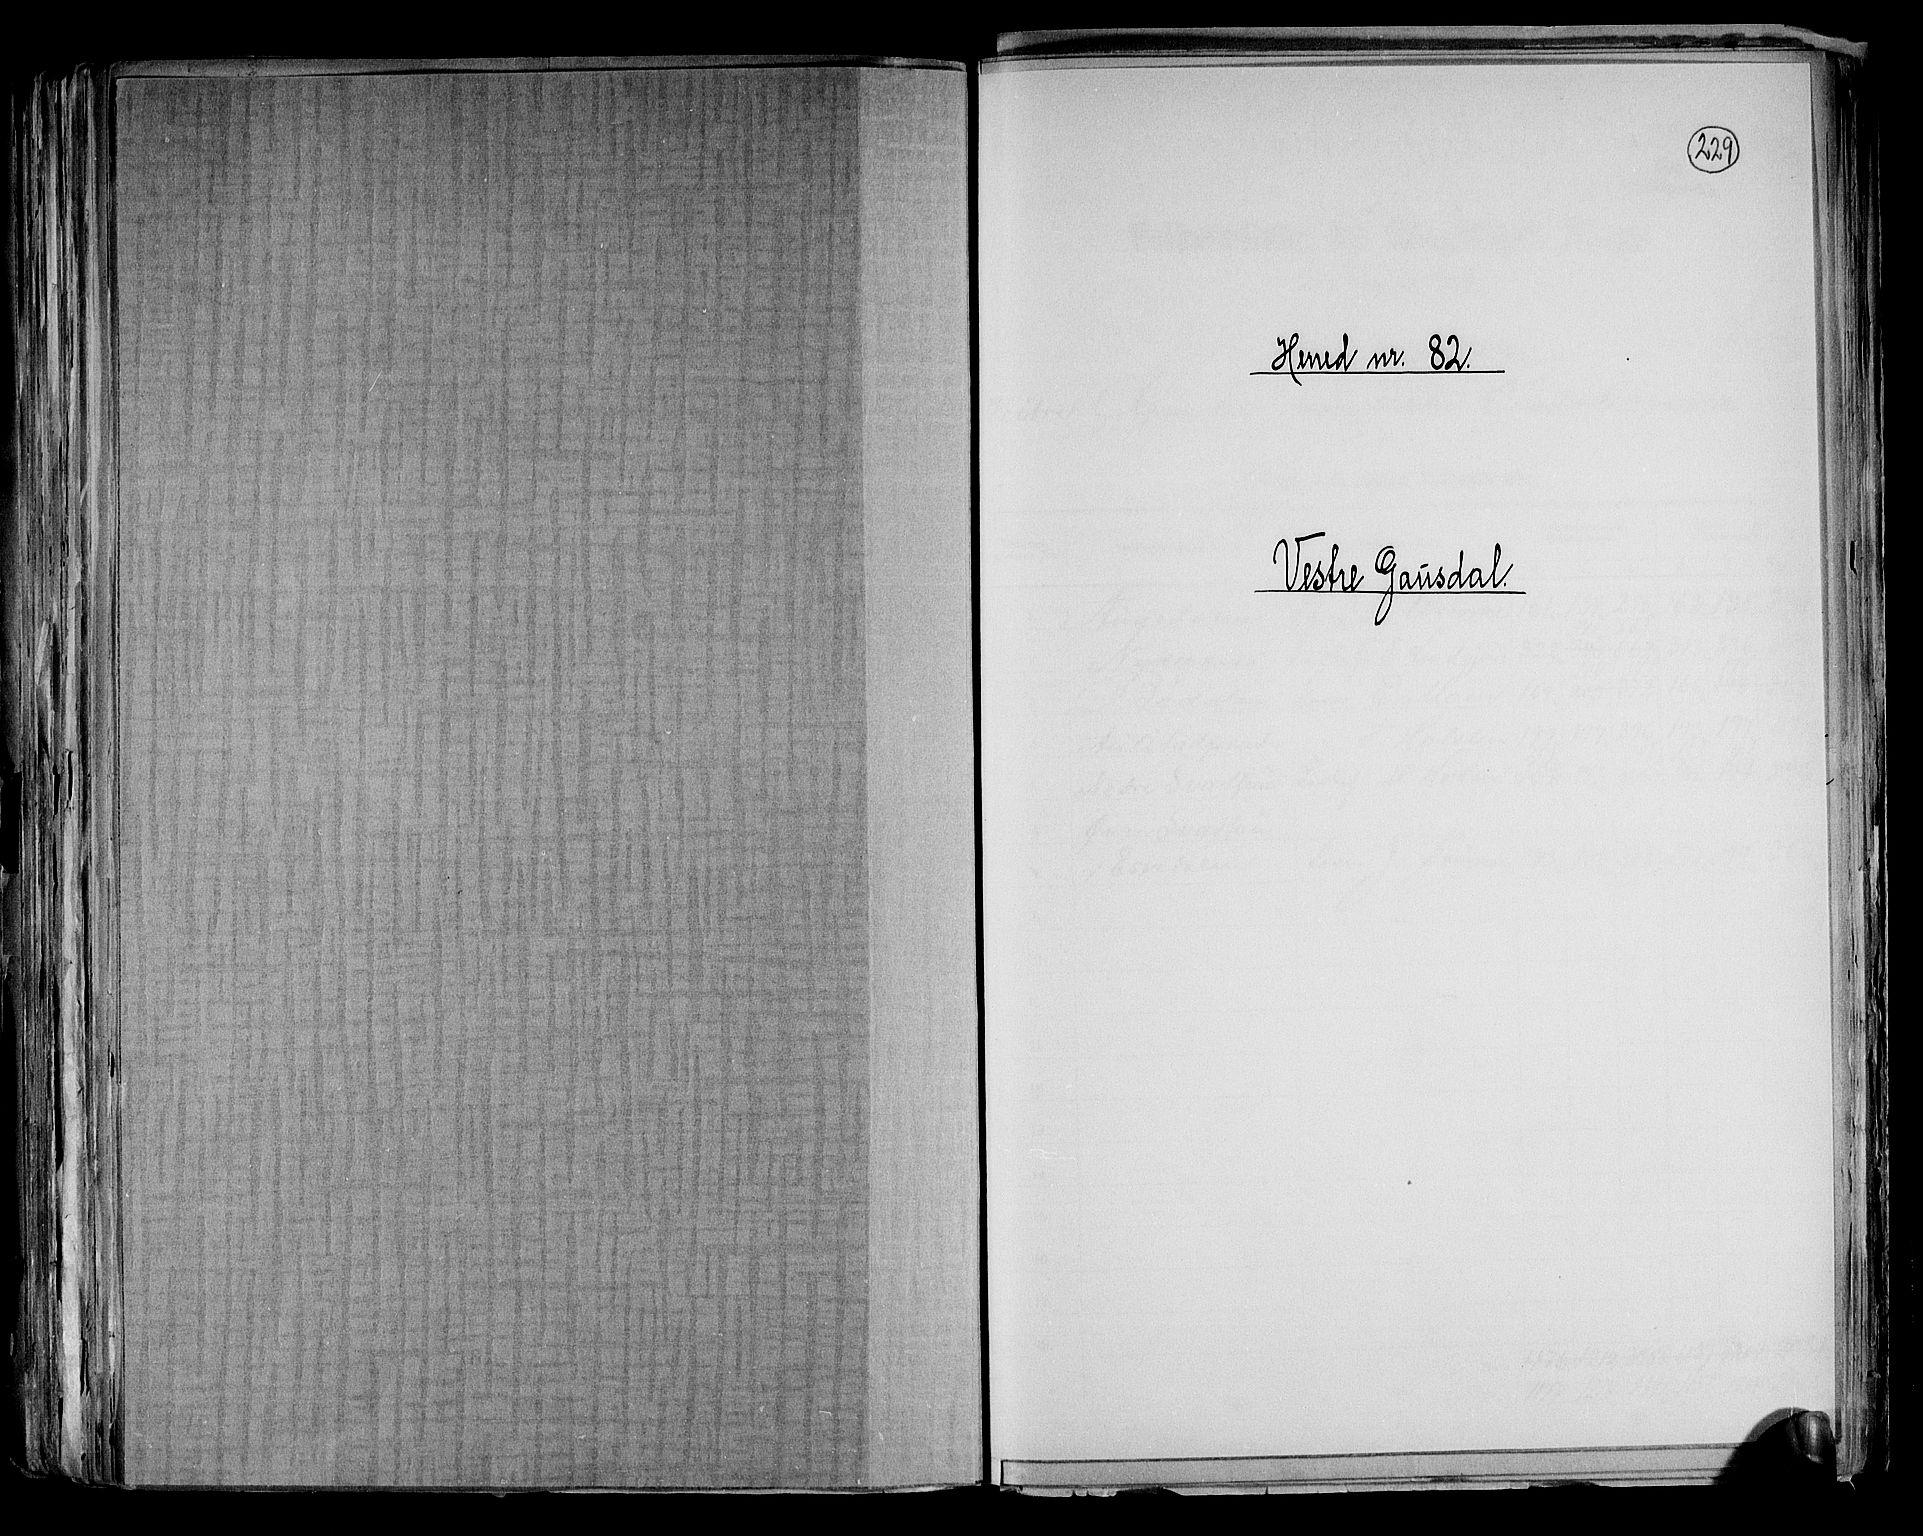 RA, Folketelling 1891 for 0523 Vestre Gausdal herred, 1891, s. 1